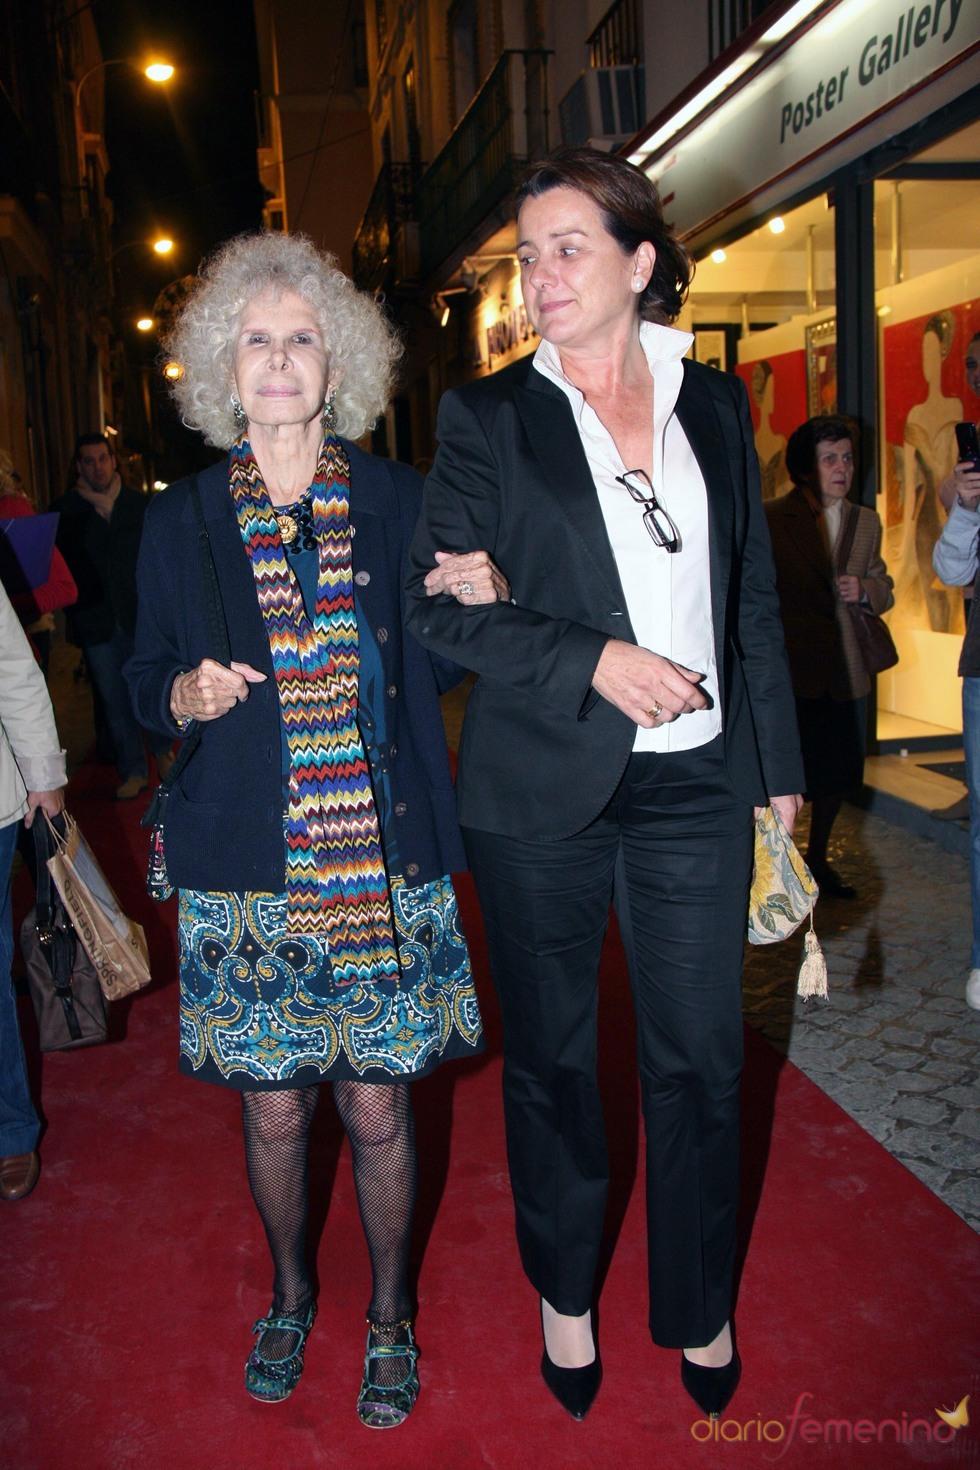 La Duquesa de Alba apoyando el flamenco